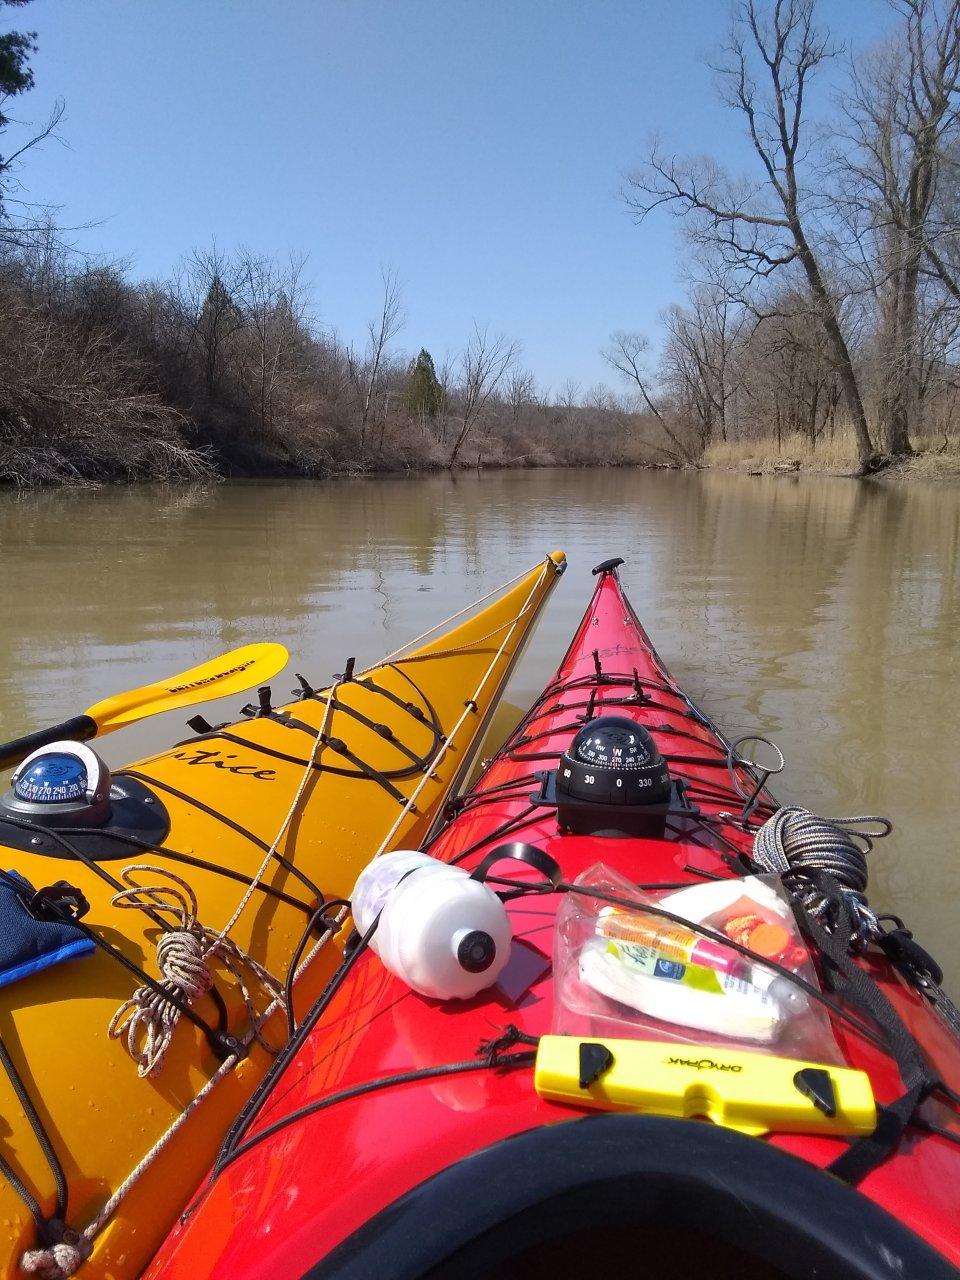 21-04-03 Bear Creek (3).jpg